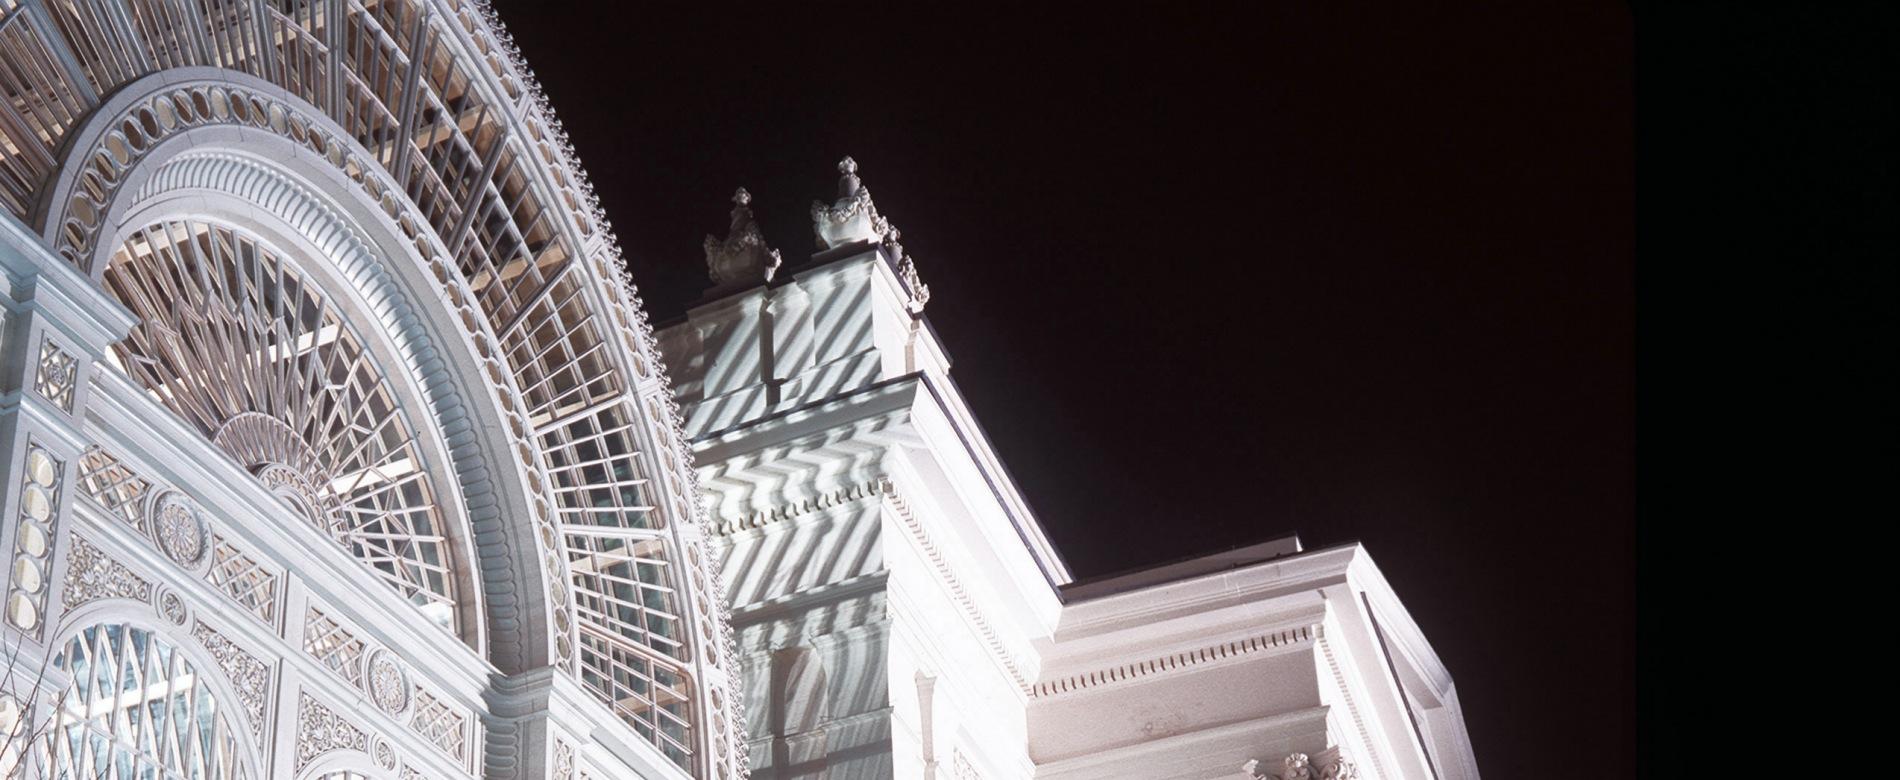 Opernreise zu Opern mit Starbesetzung im Royal Opera House London England Großbritannien